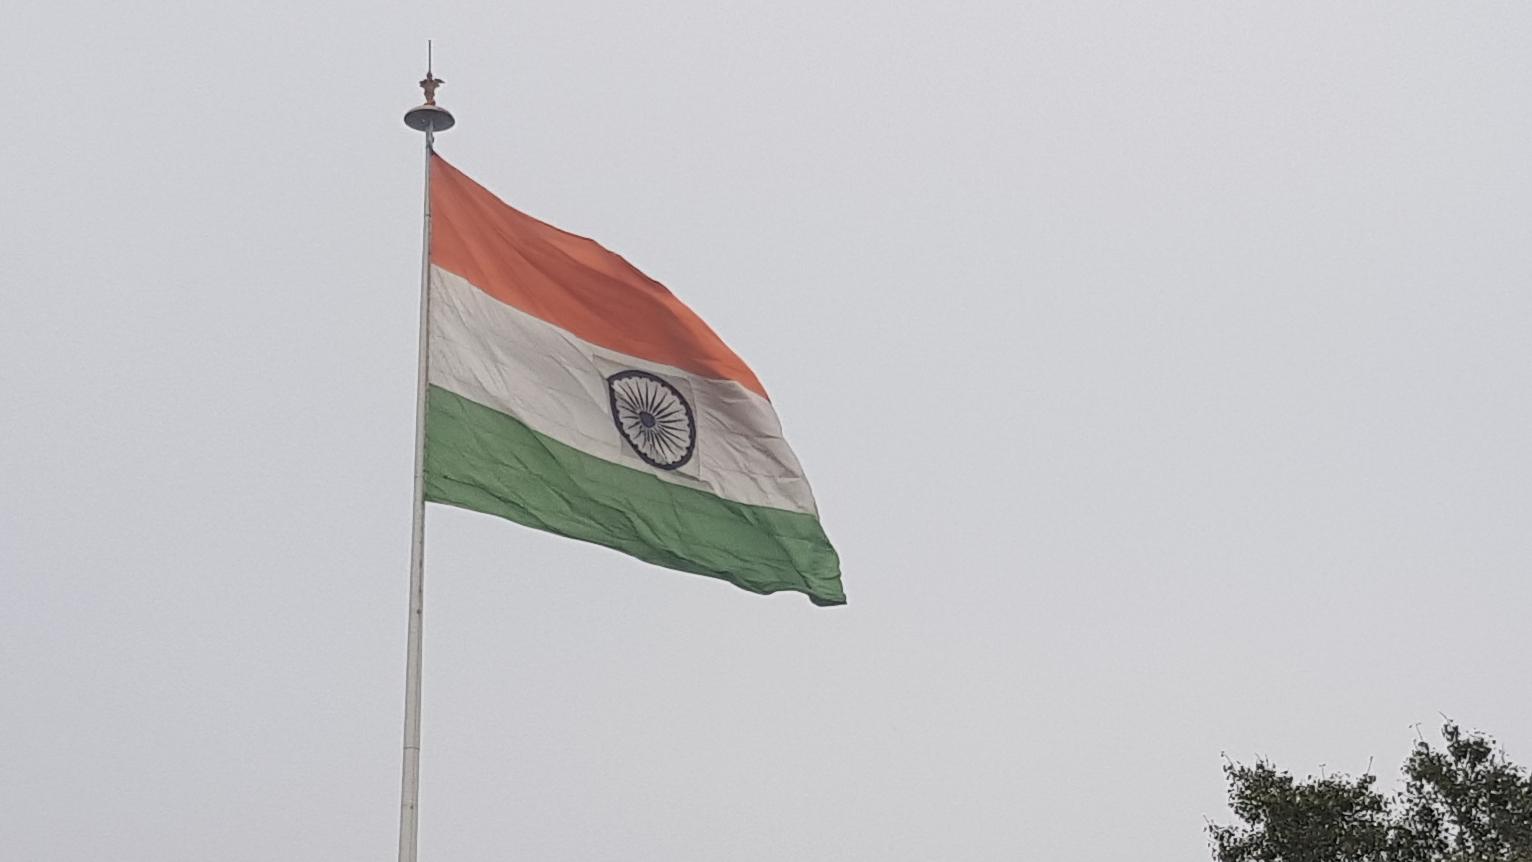 Reisekosten Indien Flagge